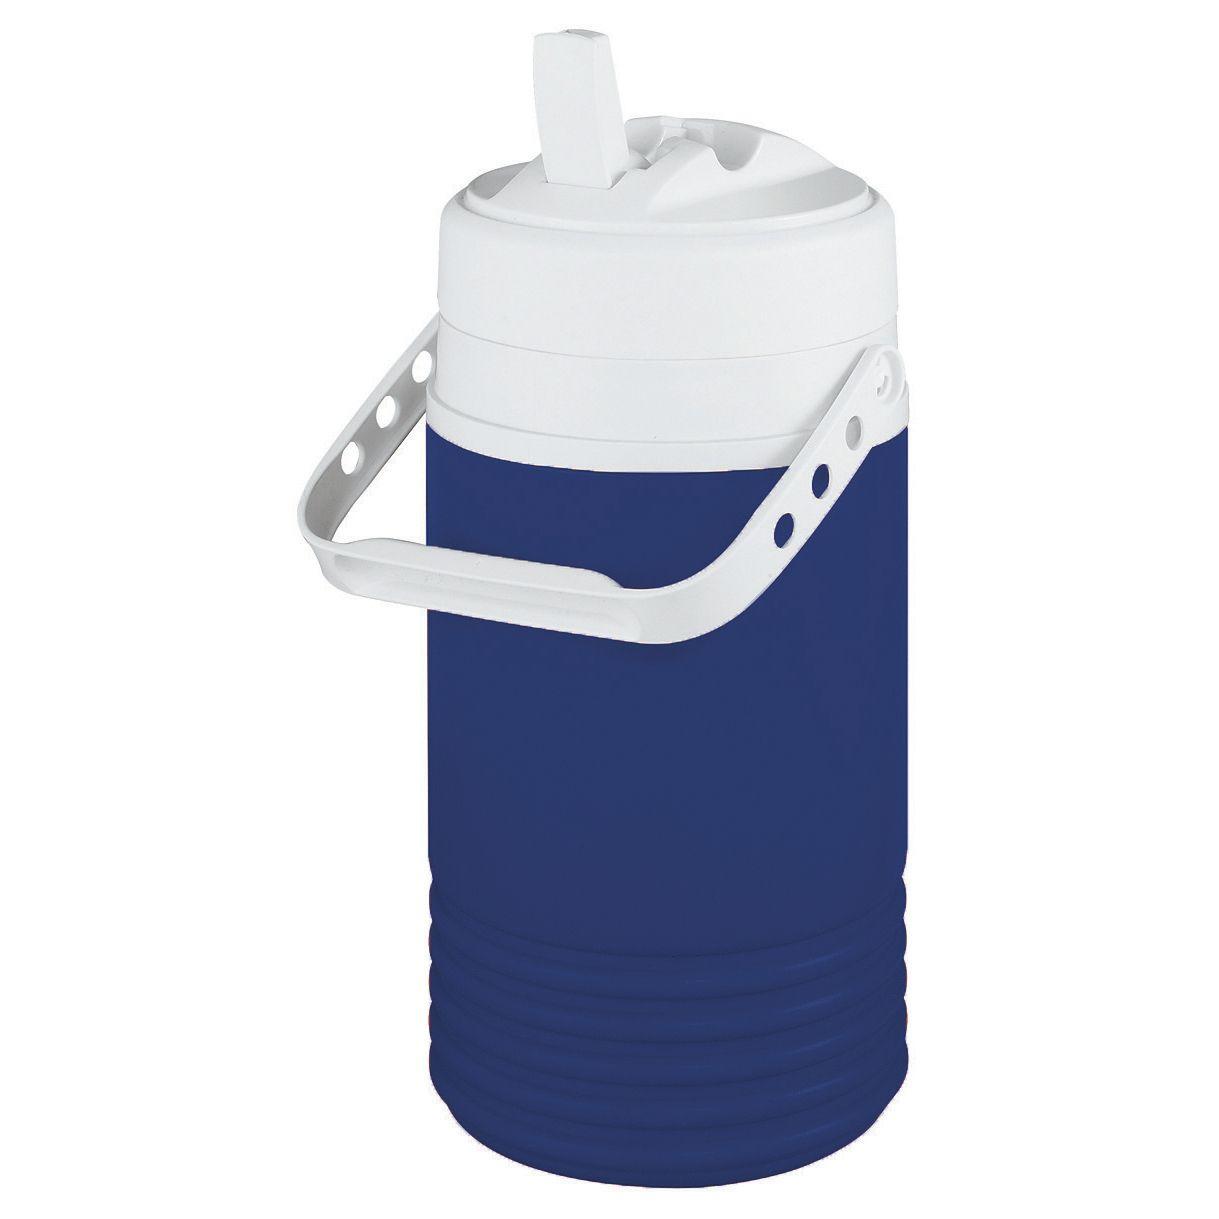 igloo legend half gallon jug beverage cooler - Beverage Coolers